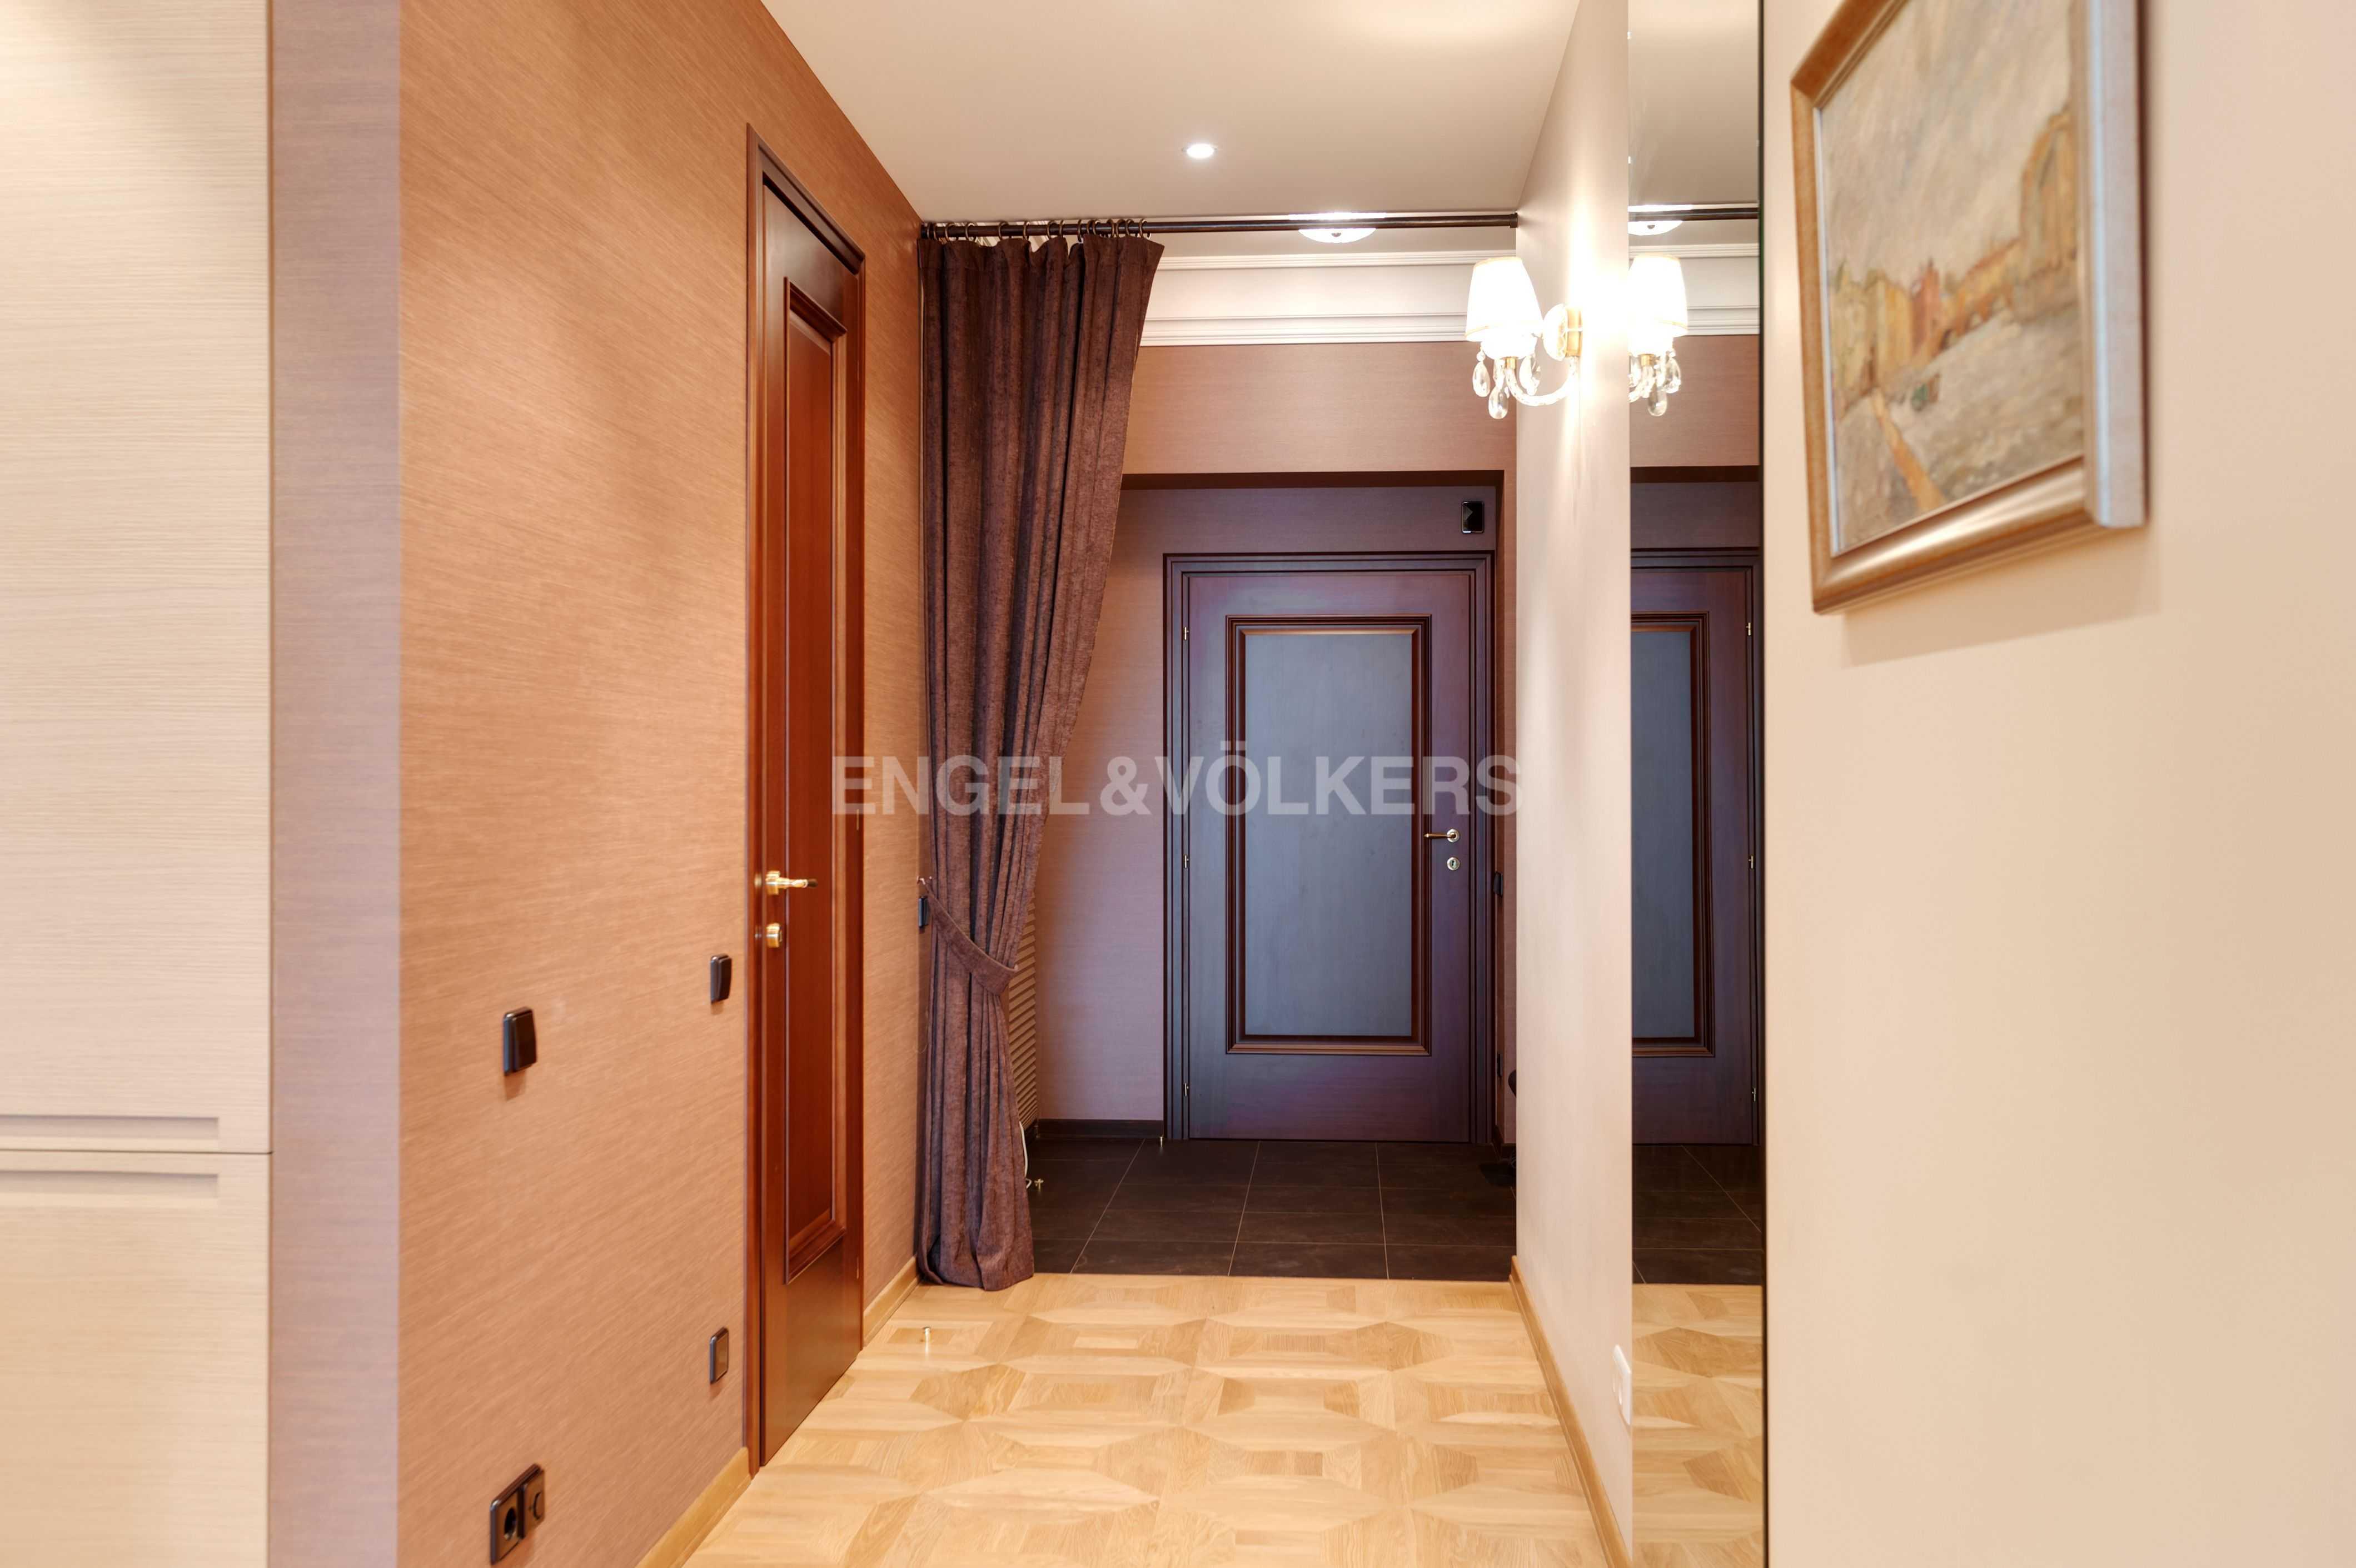 Элитные квартиры в Центральный р-н. Санкт-Петербург, Тверская ул., 1A . Холл-прихожая